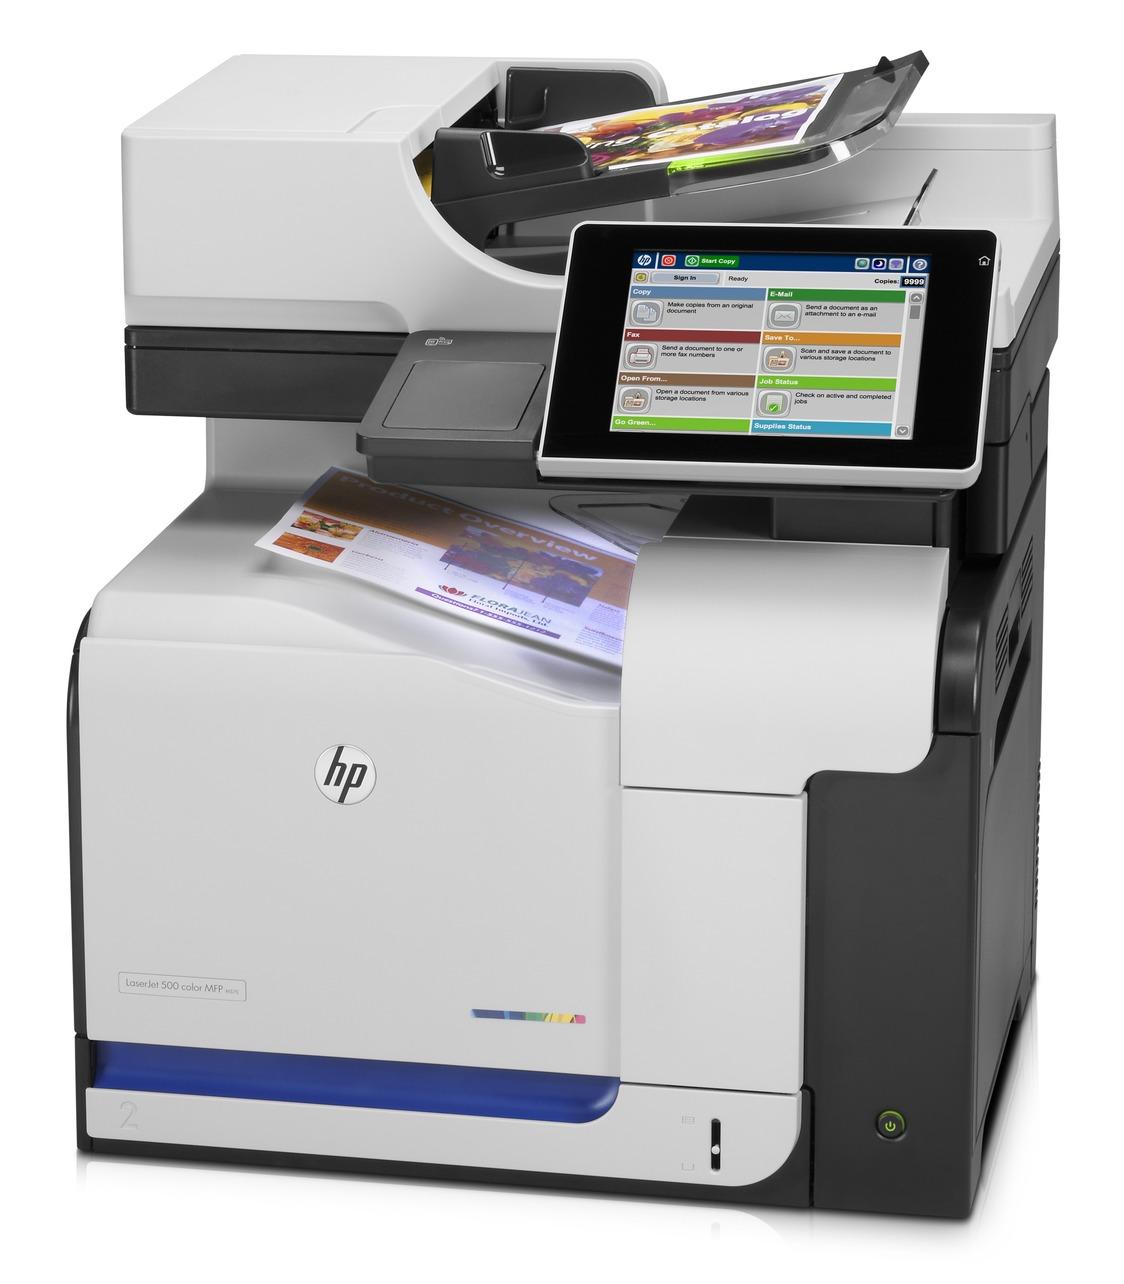 About the HP LaserJet Enterprise 500 Color MFP M575f